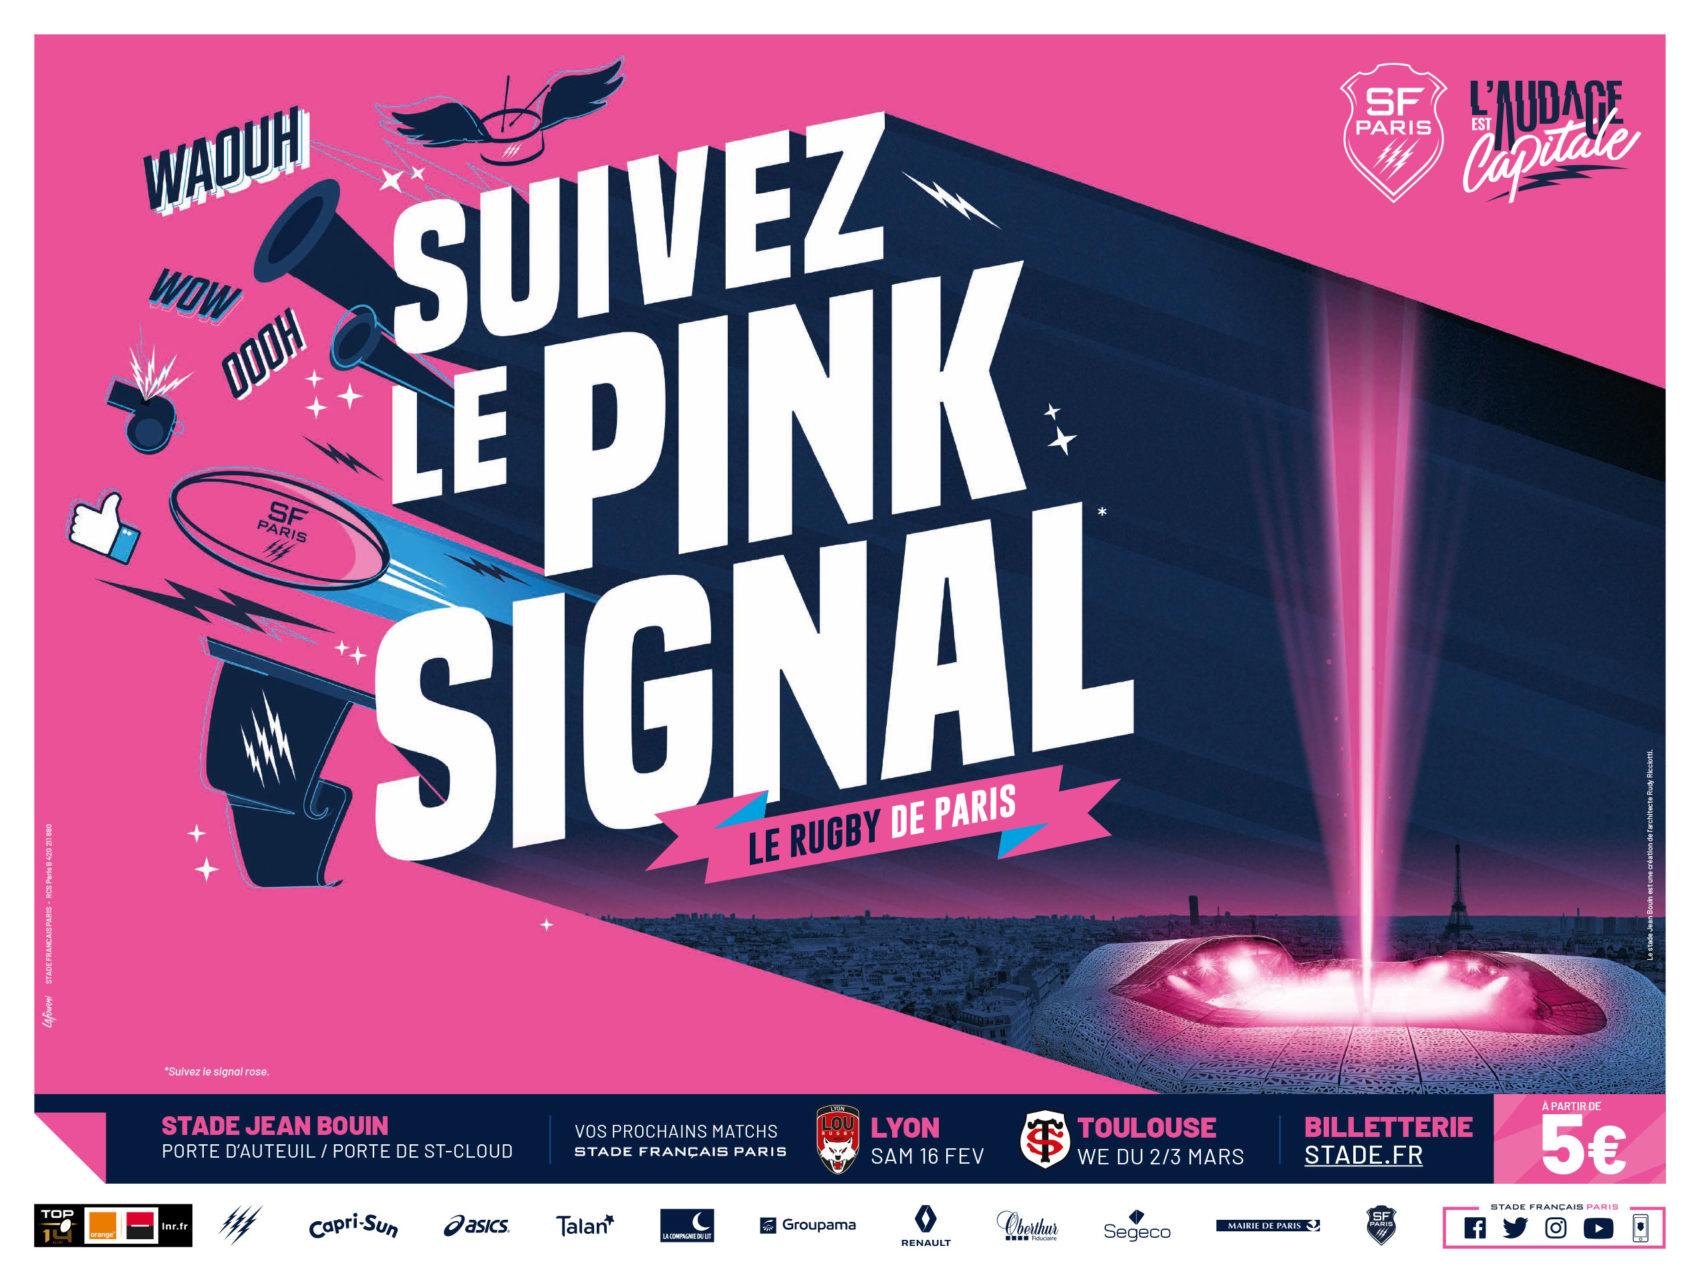 Projet_stade_francais_paris_l_audace_est_capitale_suivez_le_pink_signal_follow